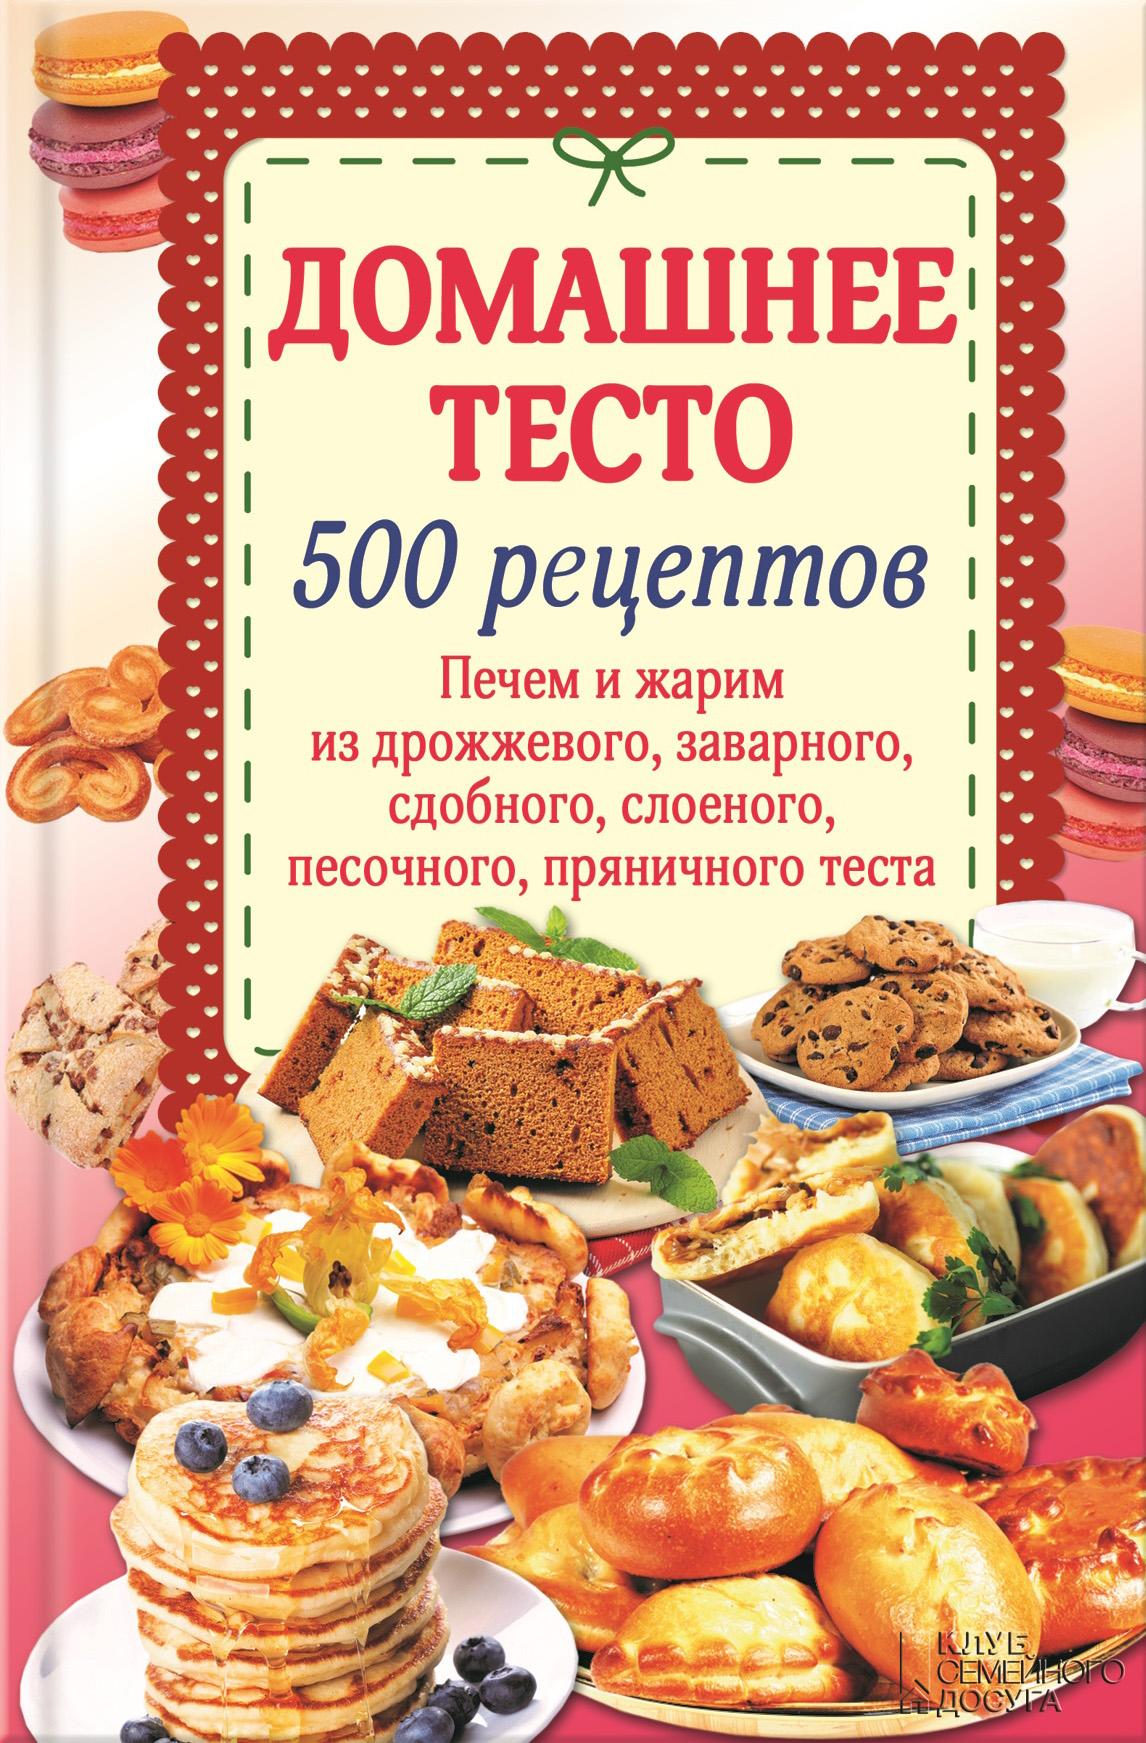 Отсутствует Домашнее тесто. 500 рецептов. Печем и жарим из дрожжевого, заварного, сдобного, слоеного, песочного, пряничного теста елена фирсова 500 рецептов для вечеринок